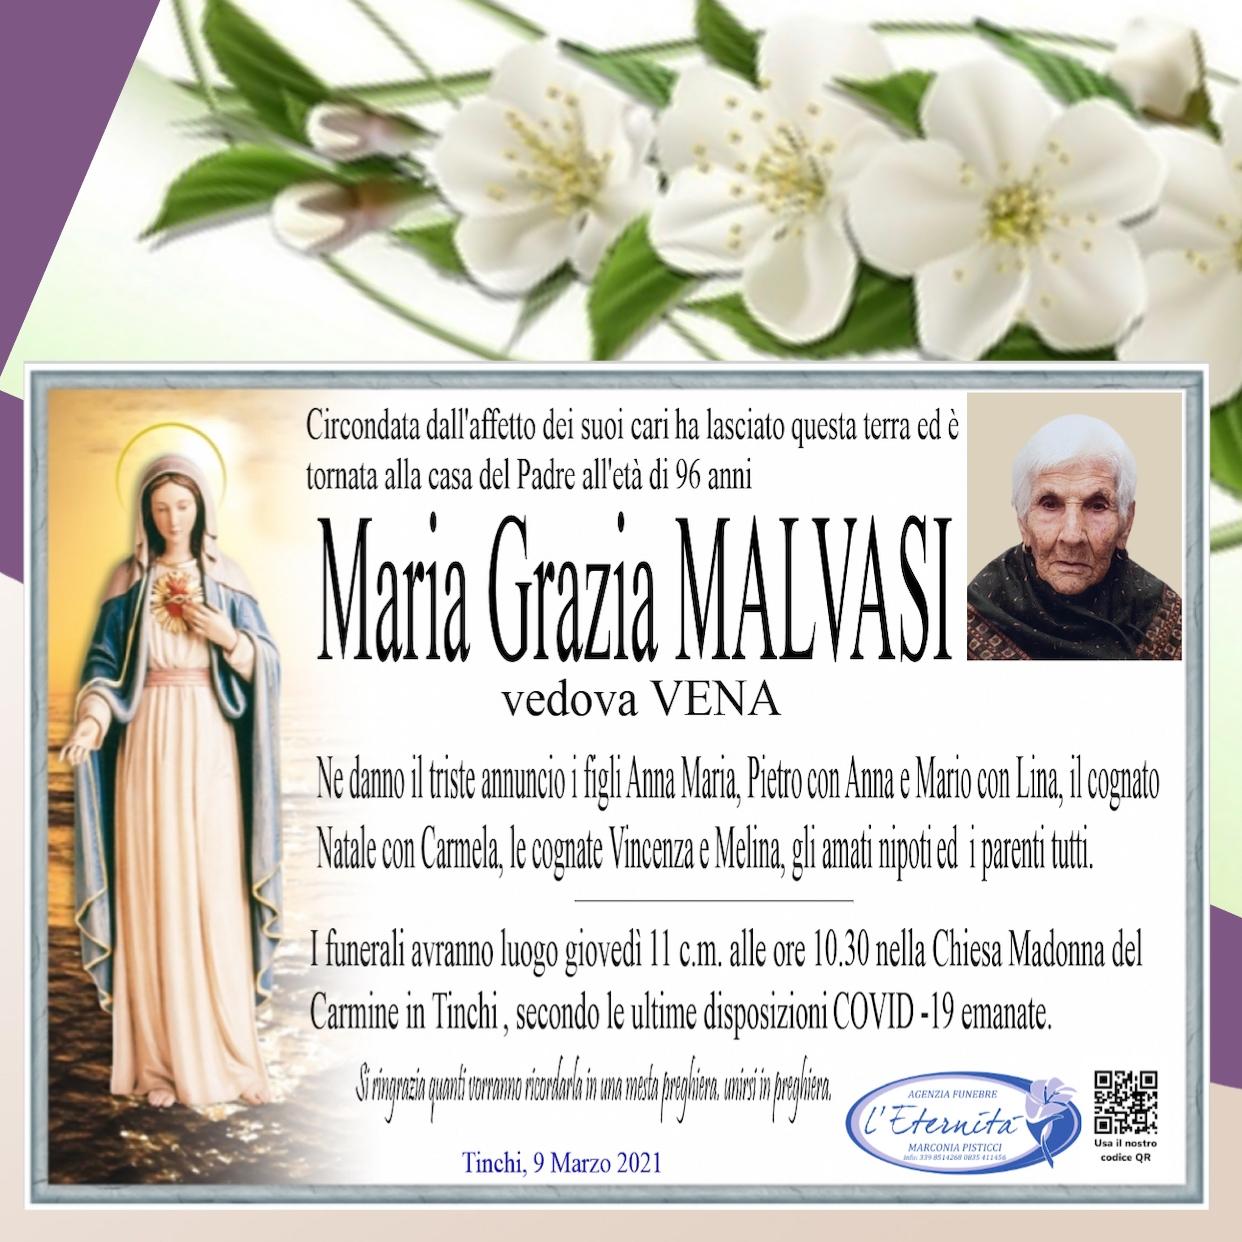 Maria Grazia MALVASI